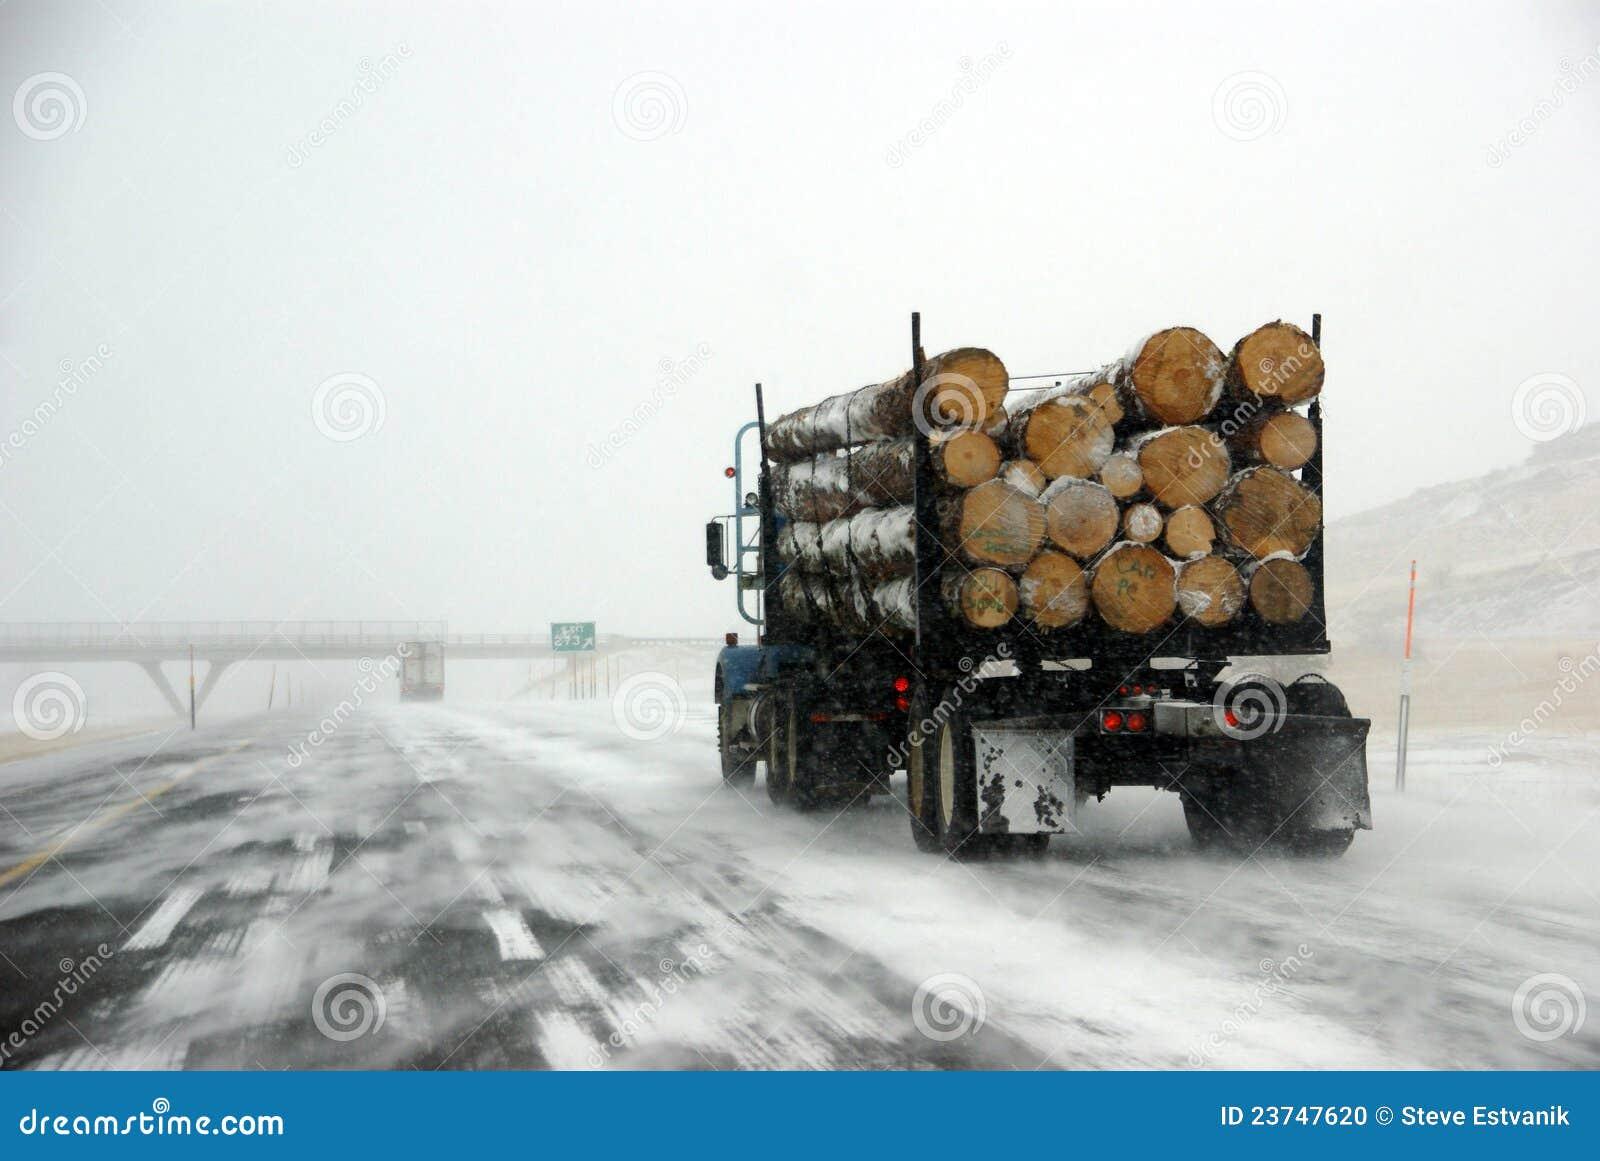 Protokollierender LKW auf eisiger Straße